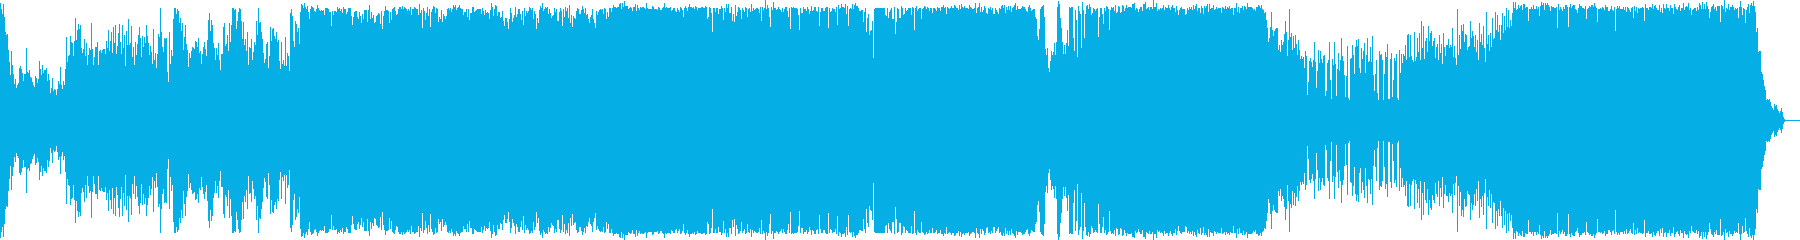 プログレッシブハウス。オーケストラ。の再生済みの波形